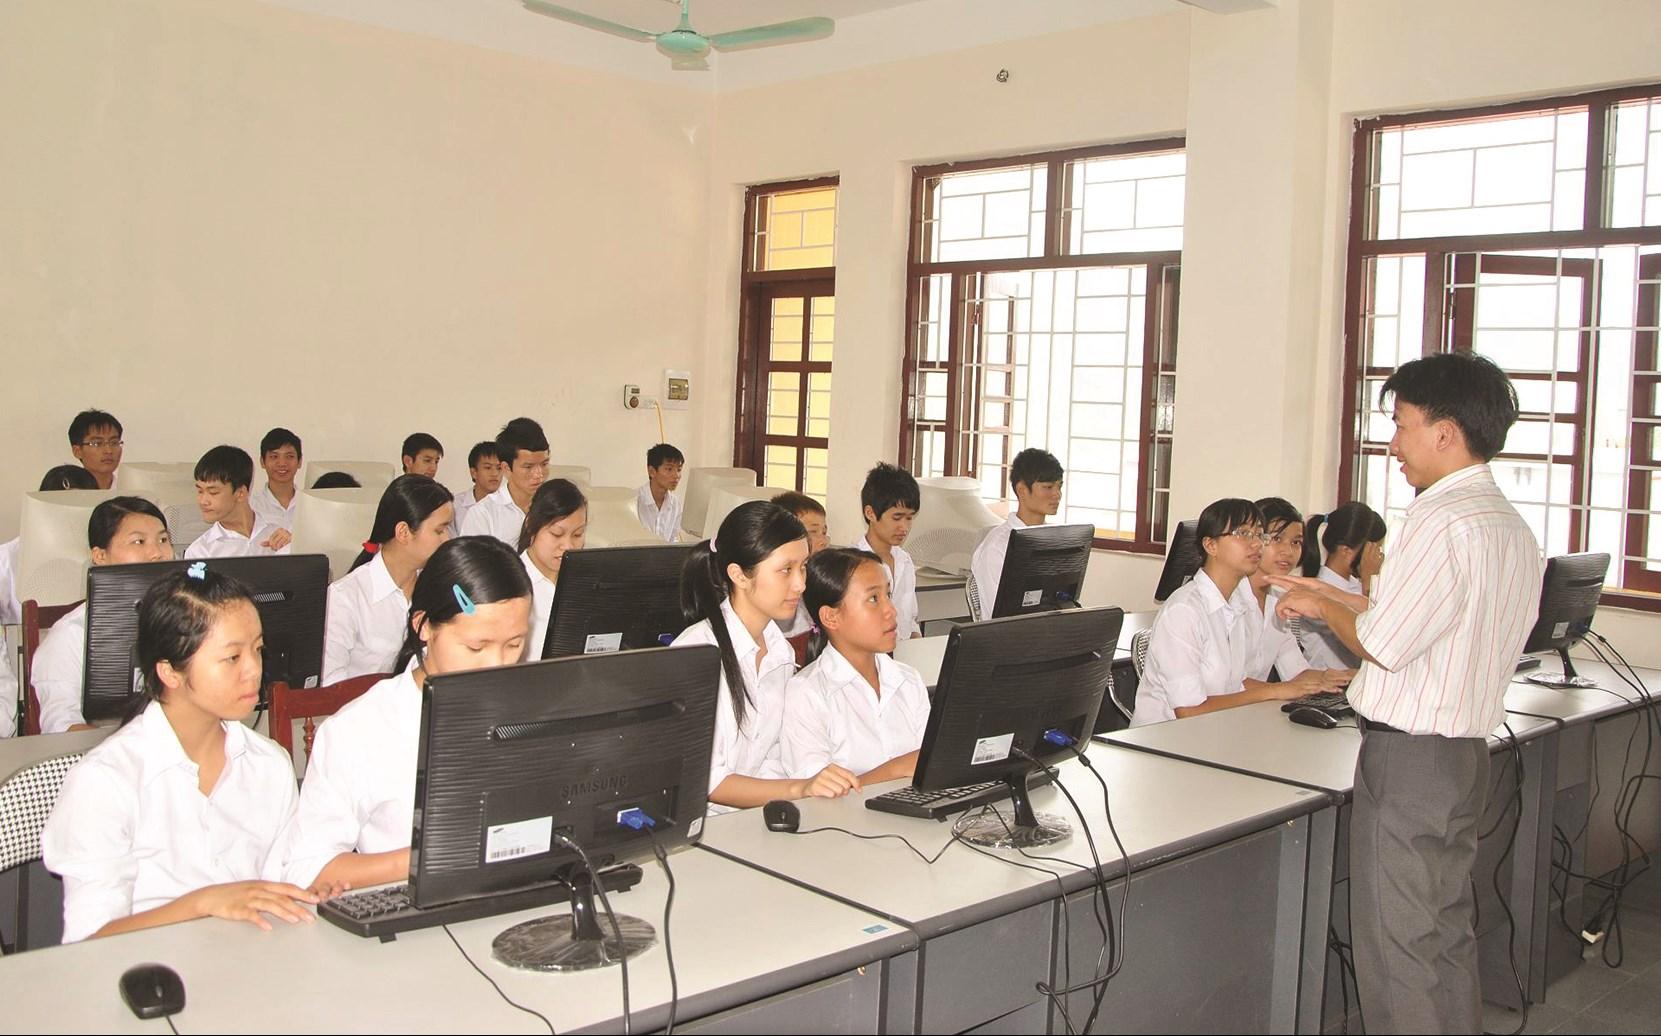 Các em nhỏ có hoàn cảnh đặc biệt ở Quảng Ninh được tạo mọi điều kiện thuận lợi để phát triển.